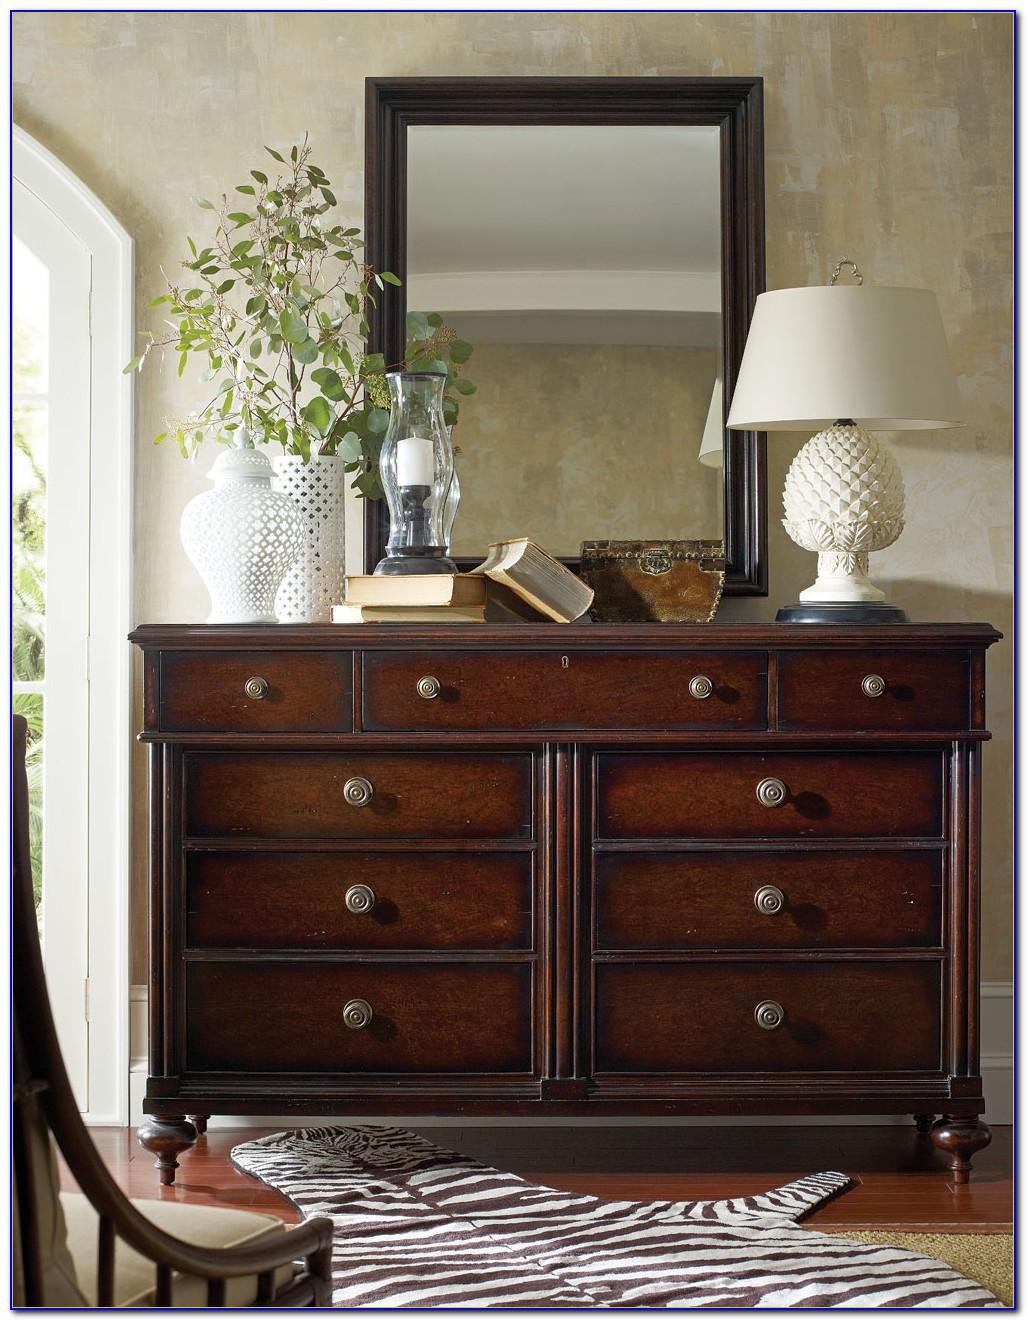 Decorating Bedroom Dresser Tops